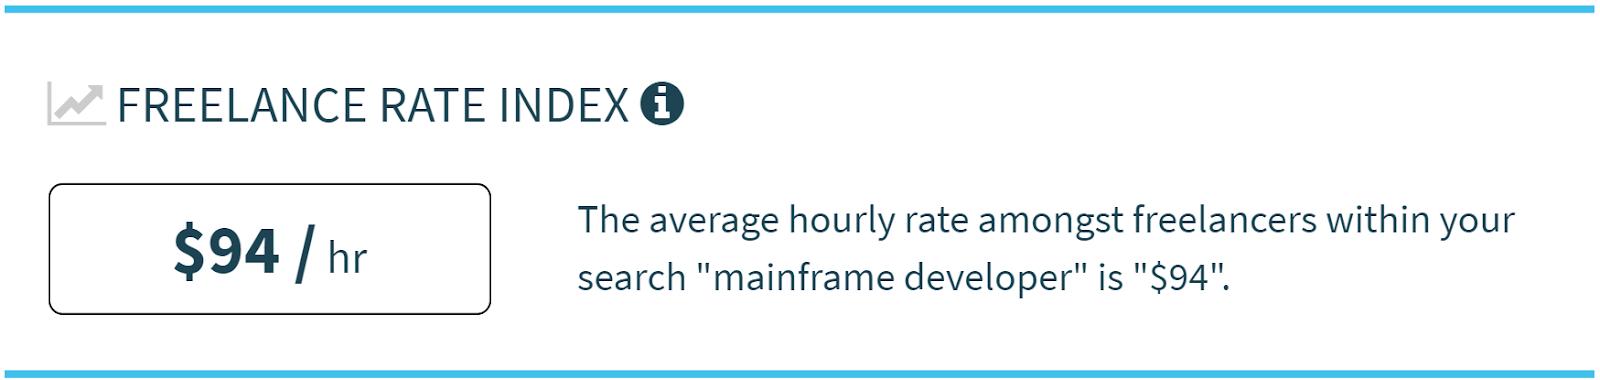 Average Freelance Rate - Mainframe Developer